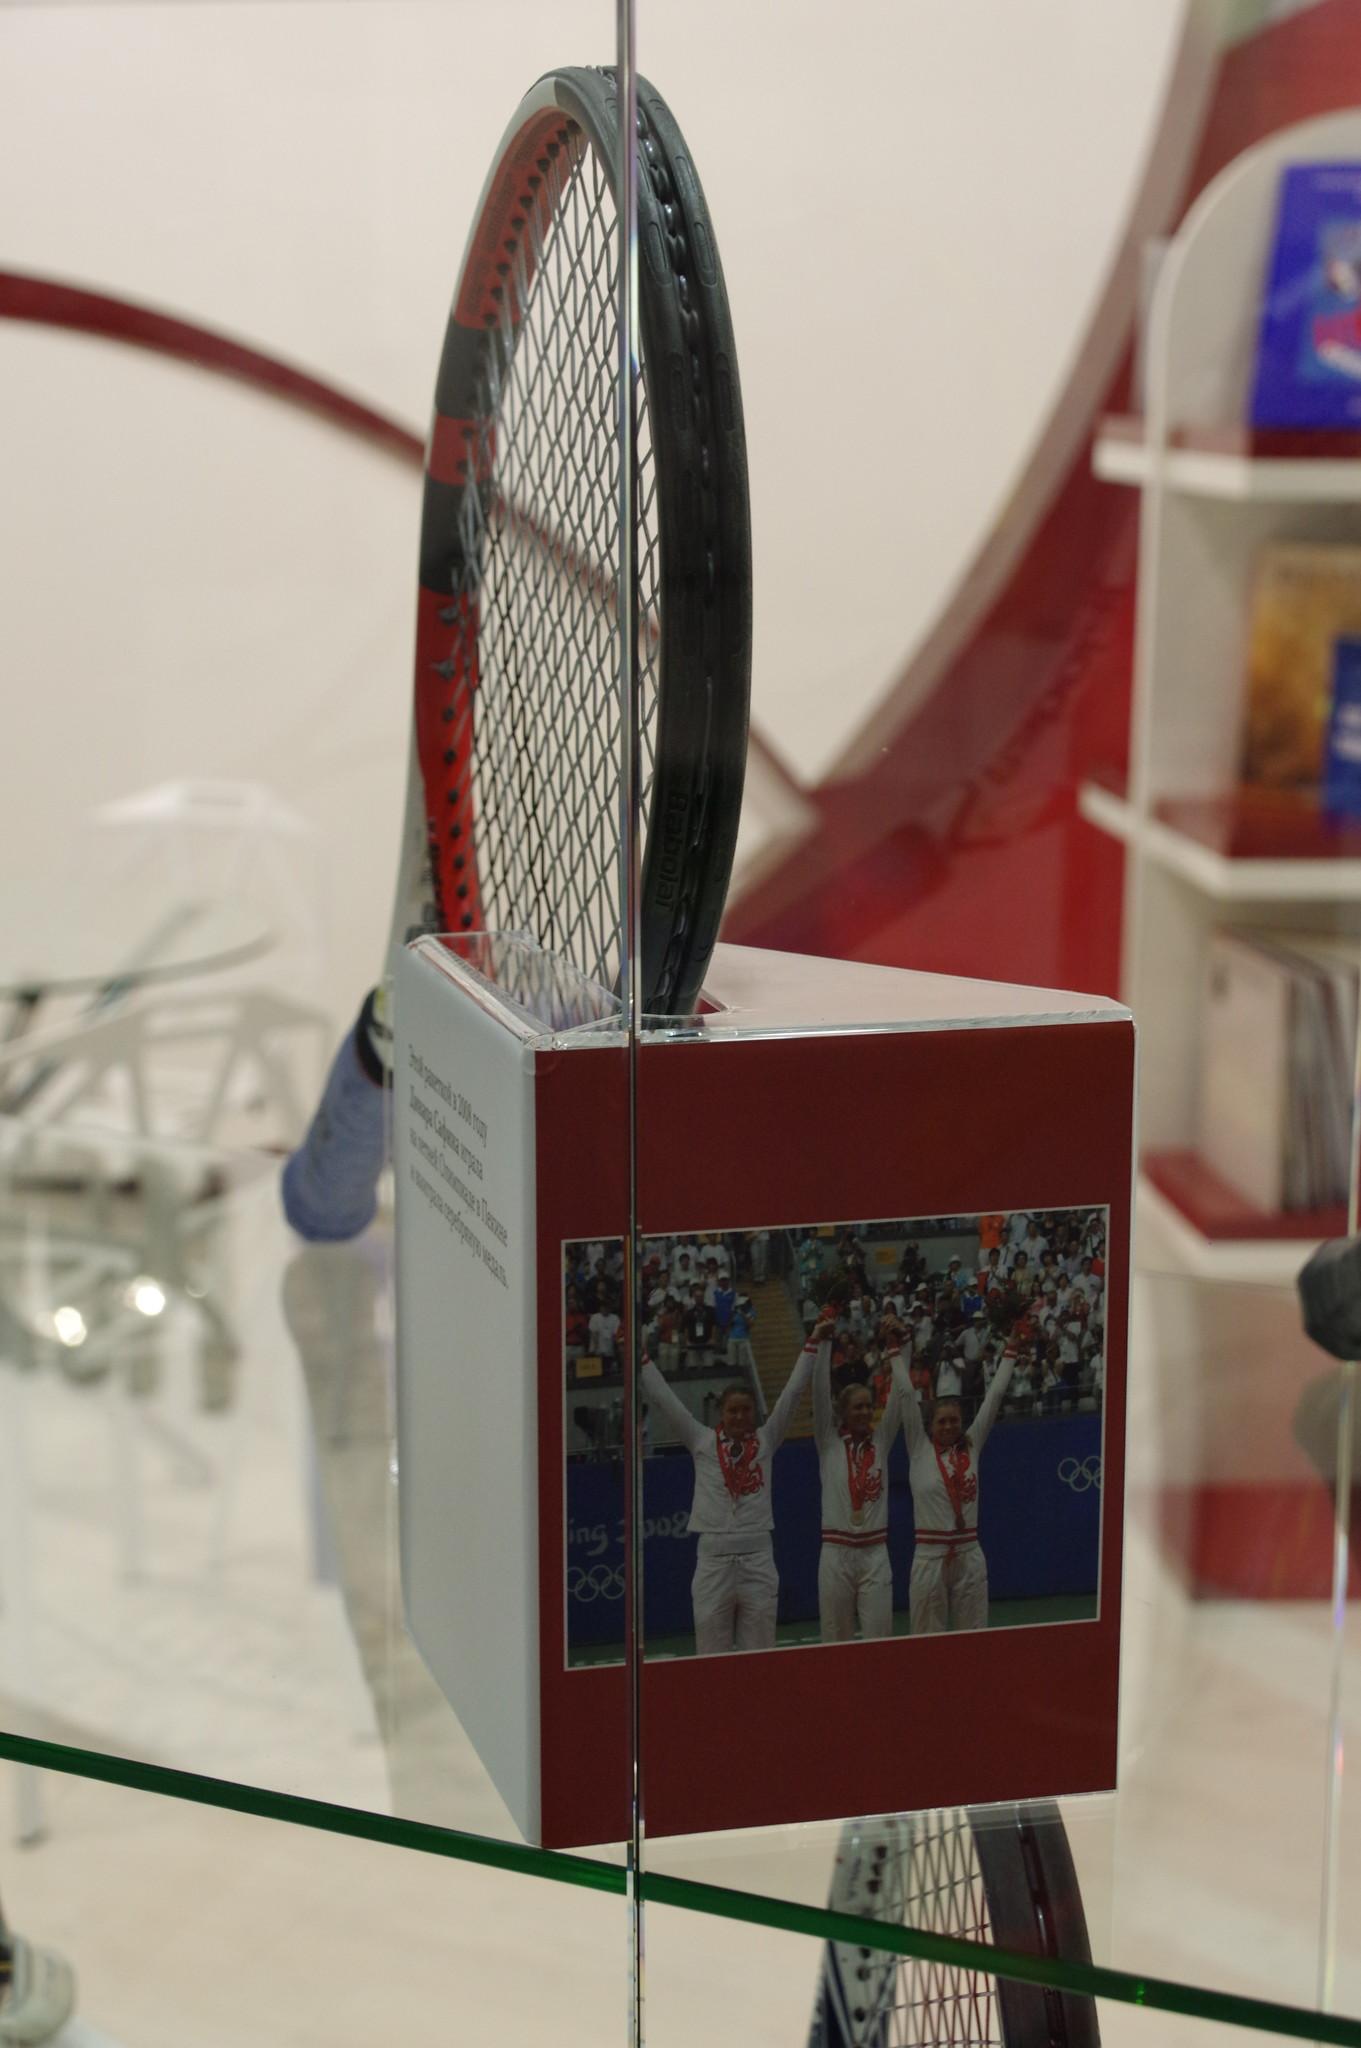 Этой ракеткой в 2008 году Динара Сафина играла на летней Олимпиаде в Пекине и выиграла серебряную медаль